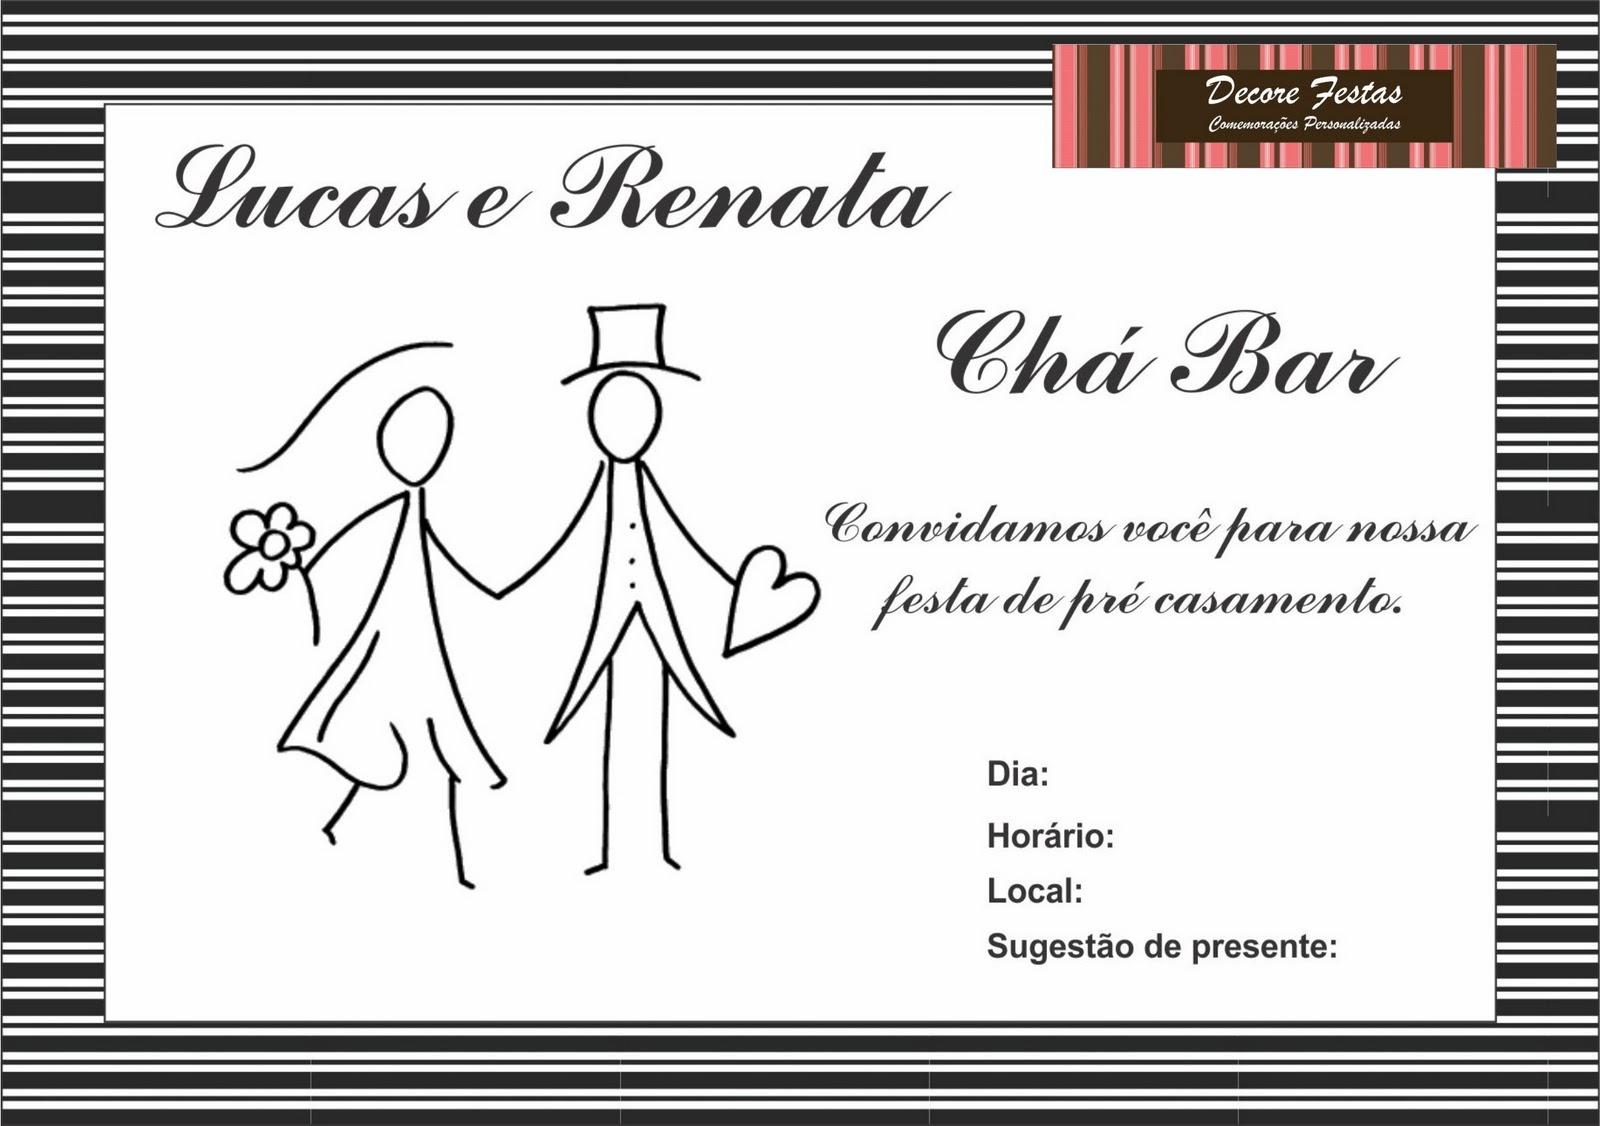 Imagens de #AC1F27 Related image with Ch Bar Ch De Cozinha Ch De Lingerie Ch De Casa Nova  1600x1126 px 3548 Blindex Banheiro Fortaleza